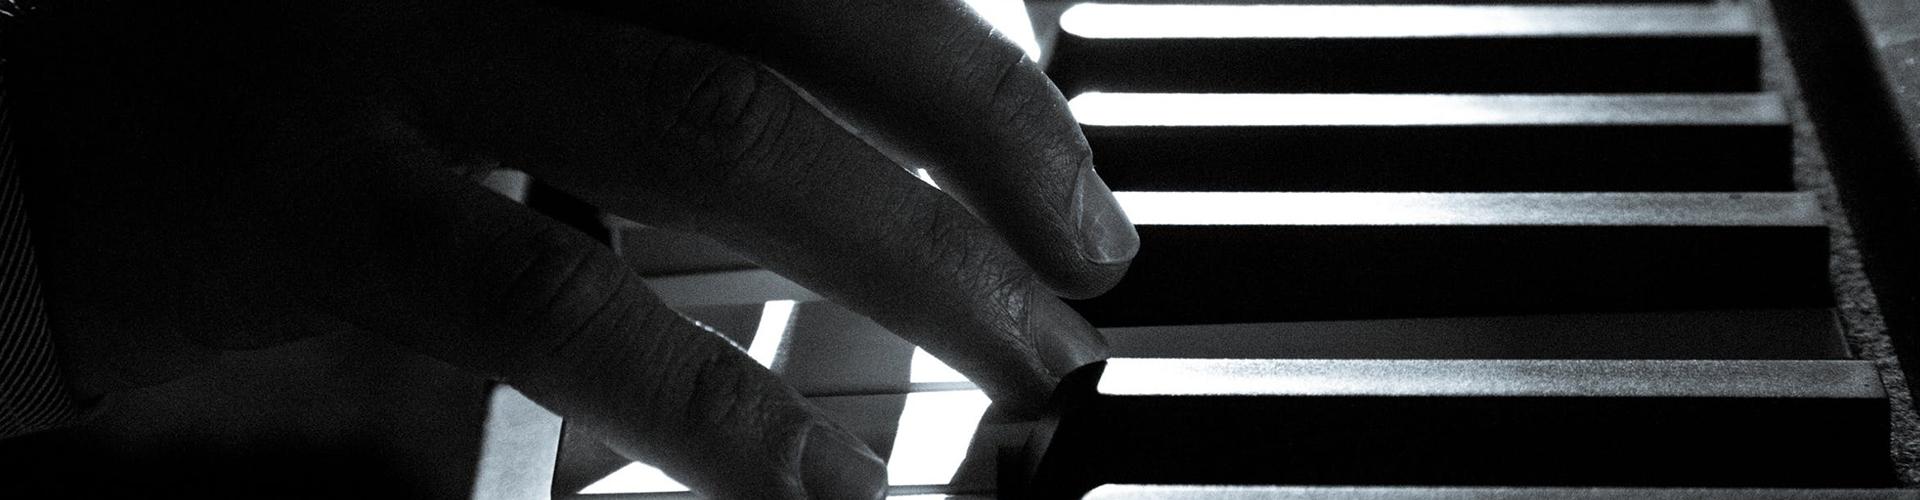 Piano wide